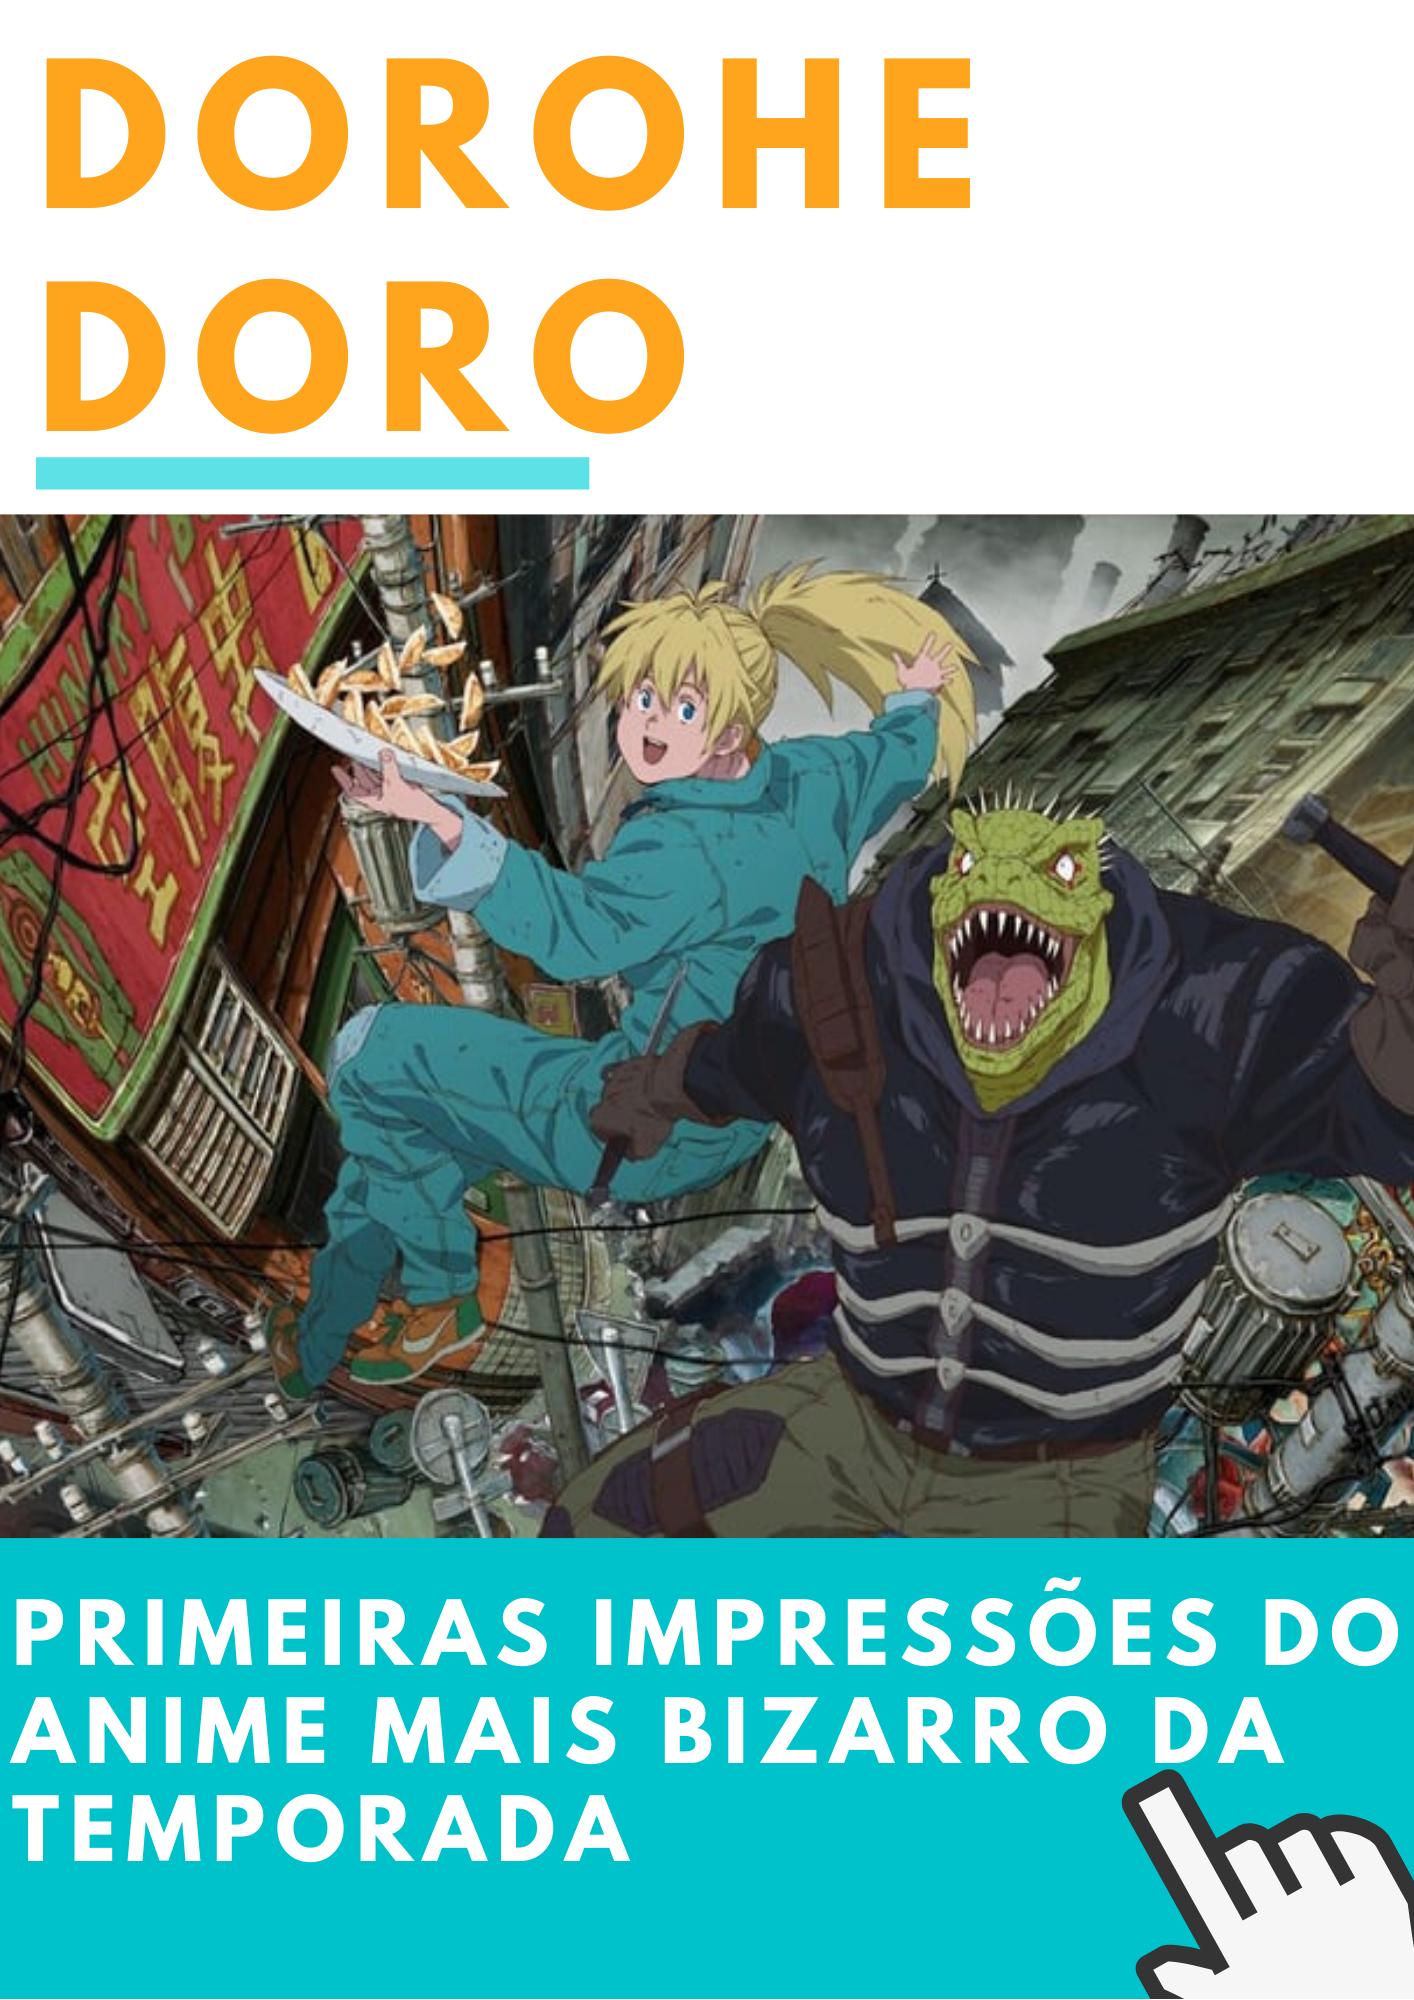 Dorohedoro Primeiras impressões do anime mais bizarro da